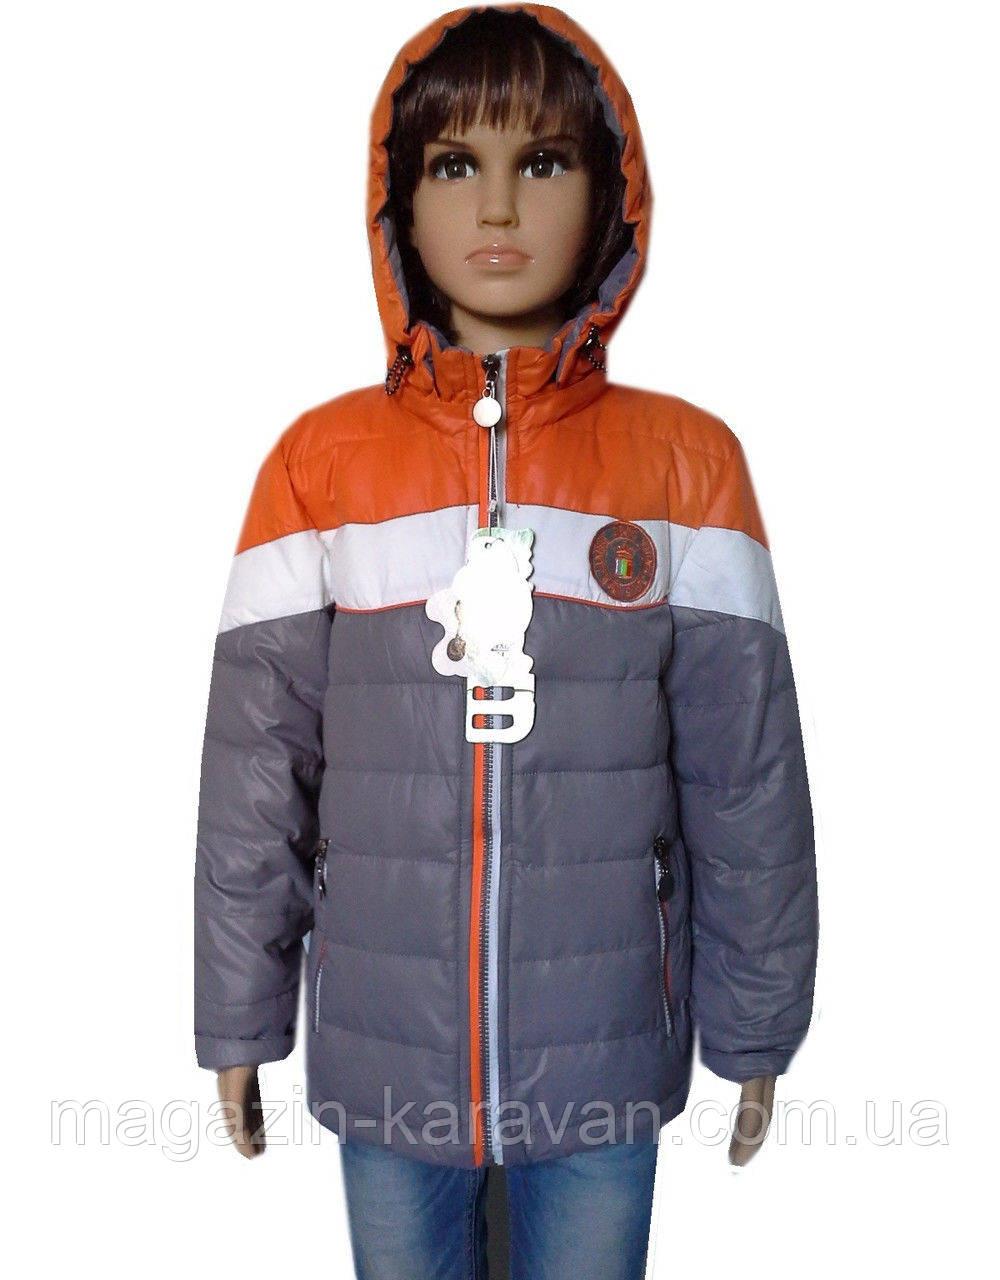 Практичная куртка для мальчика демисезонная